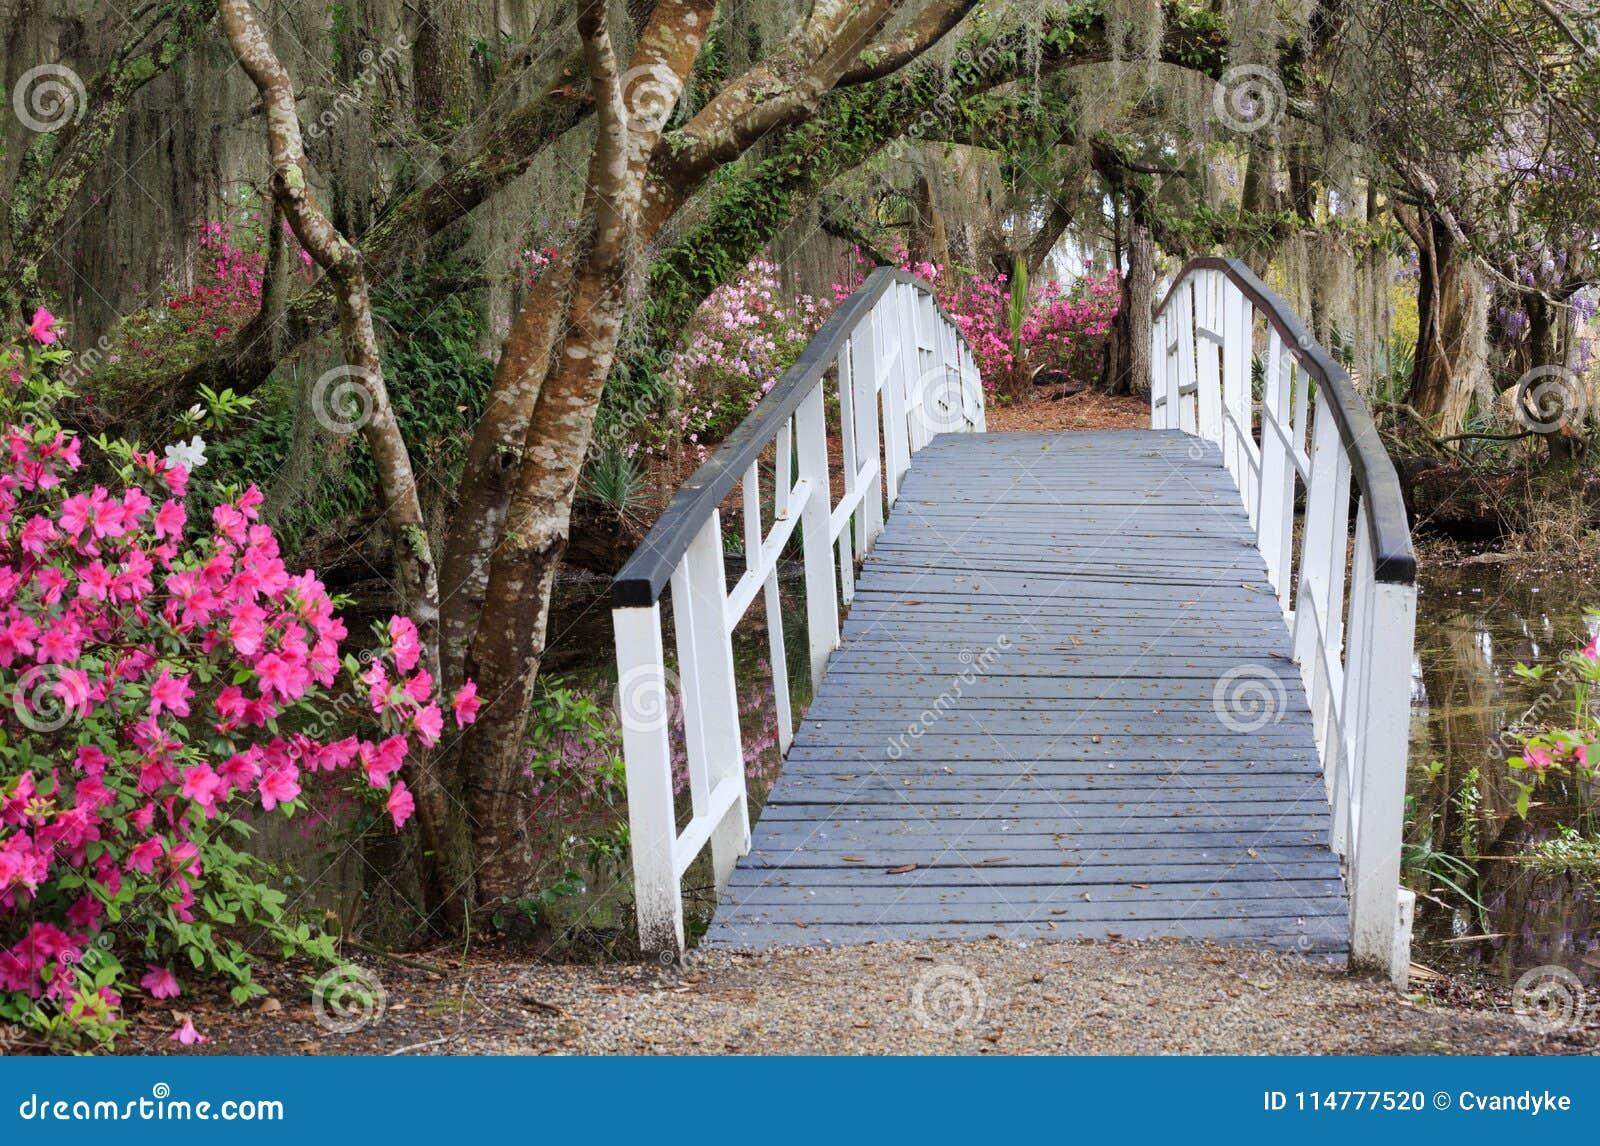 Am Charleston Sc-Magnolien-Garten im Frühjahr kreuzen